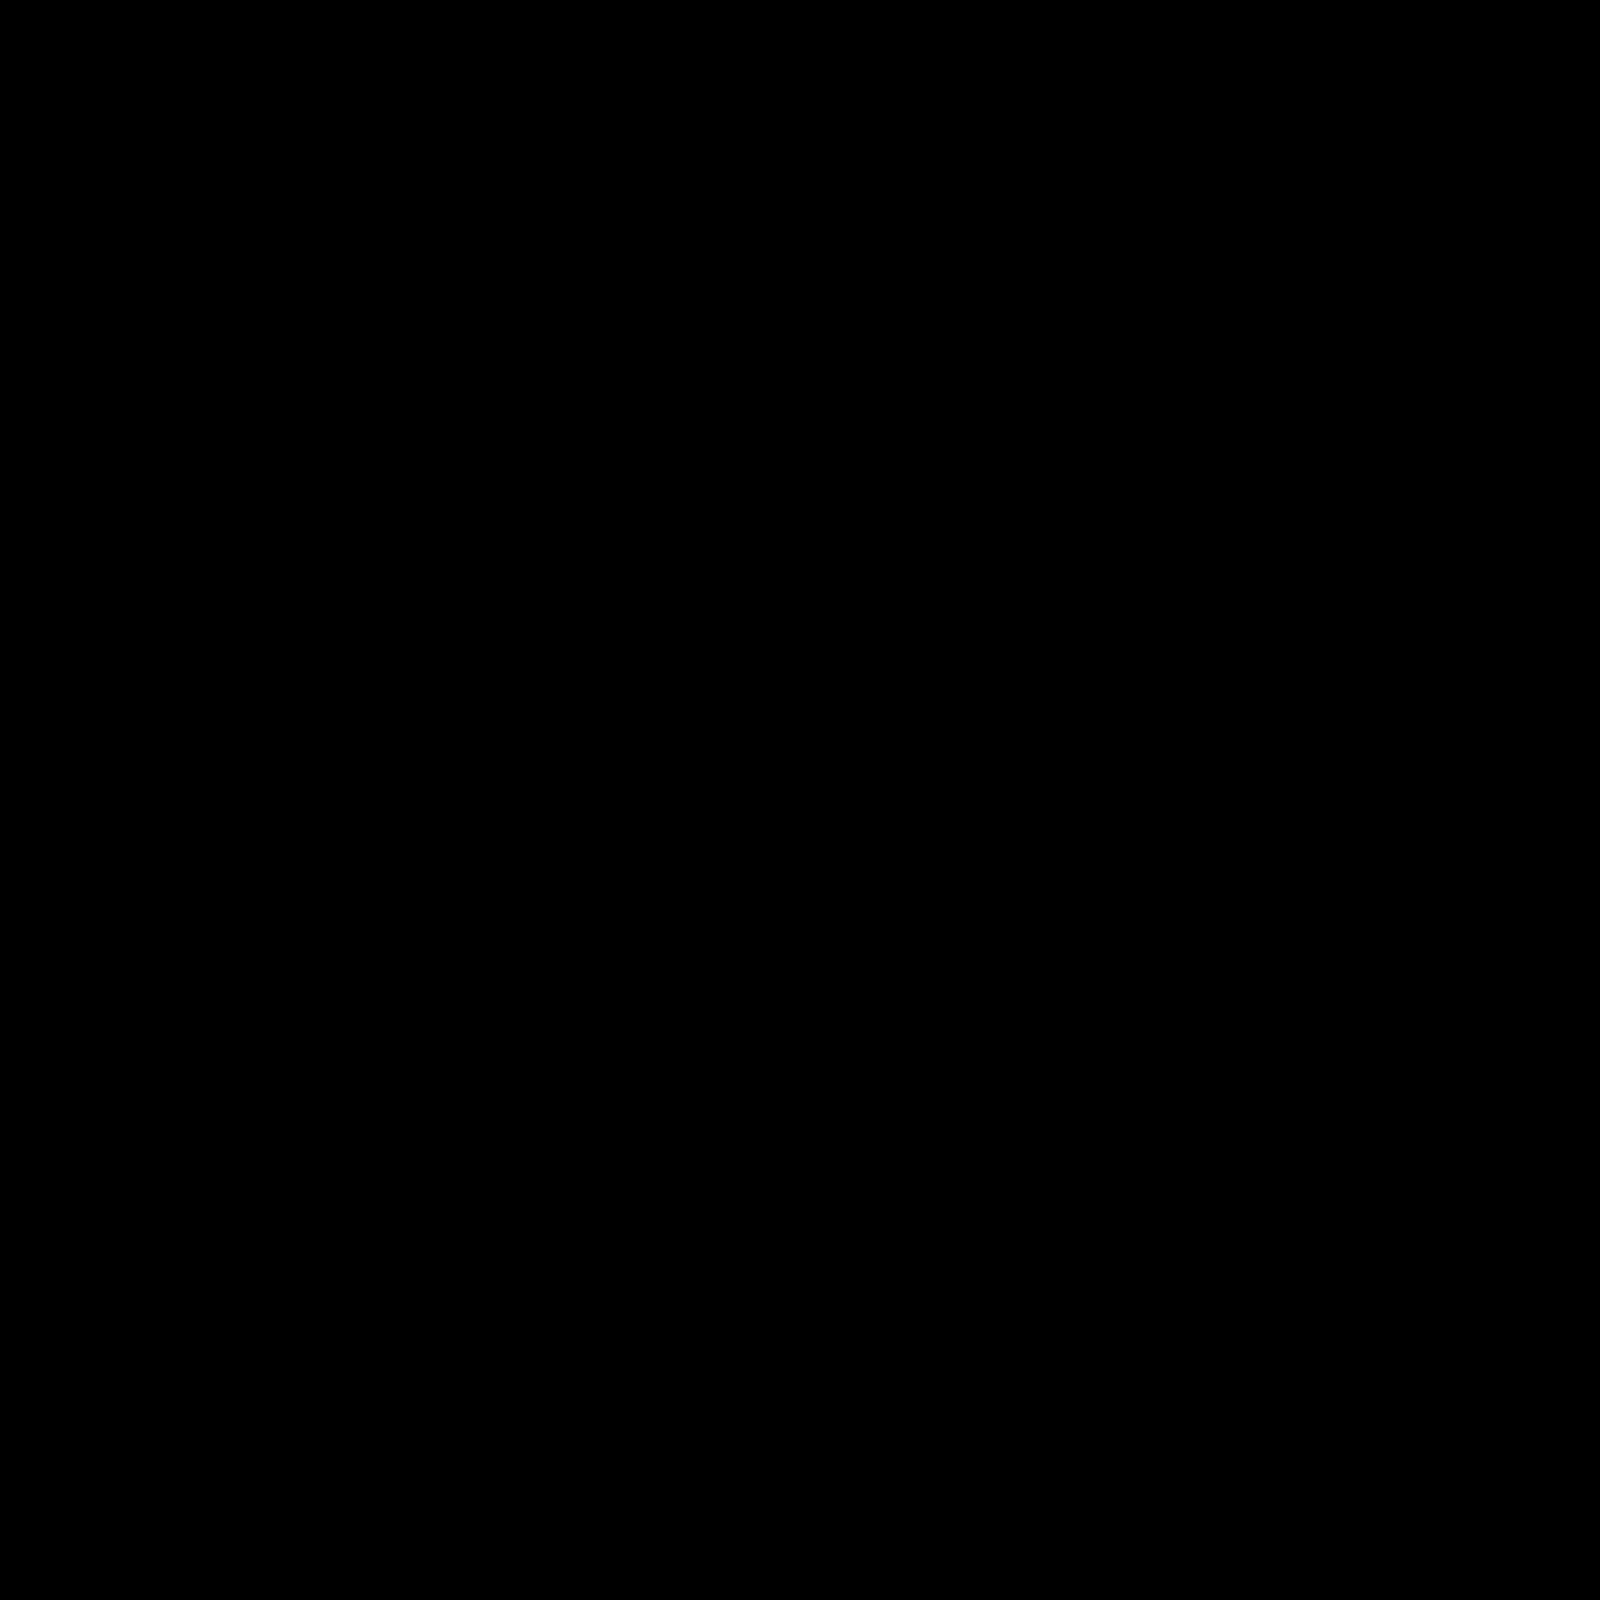 Импорт базы данных icon